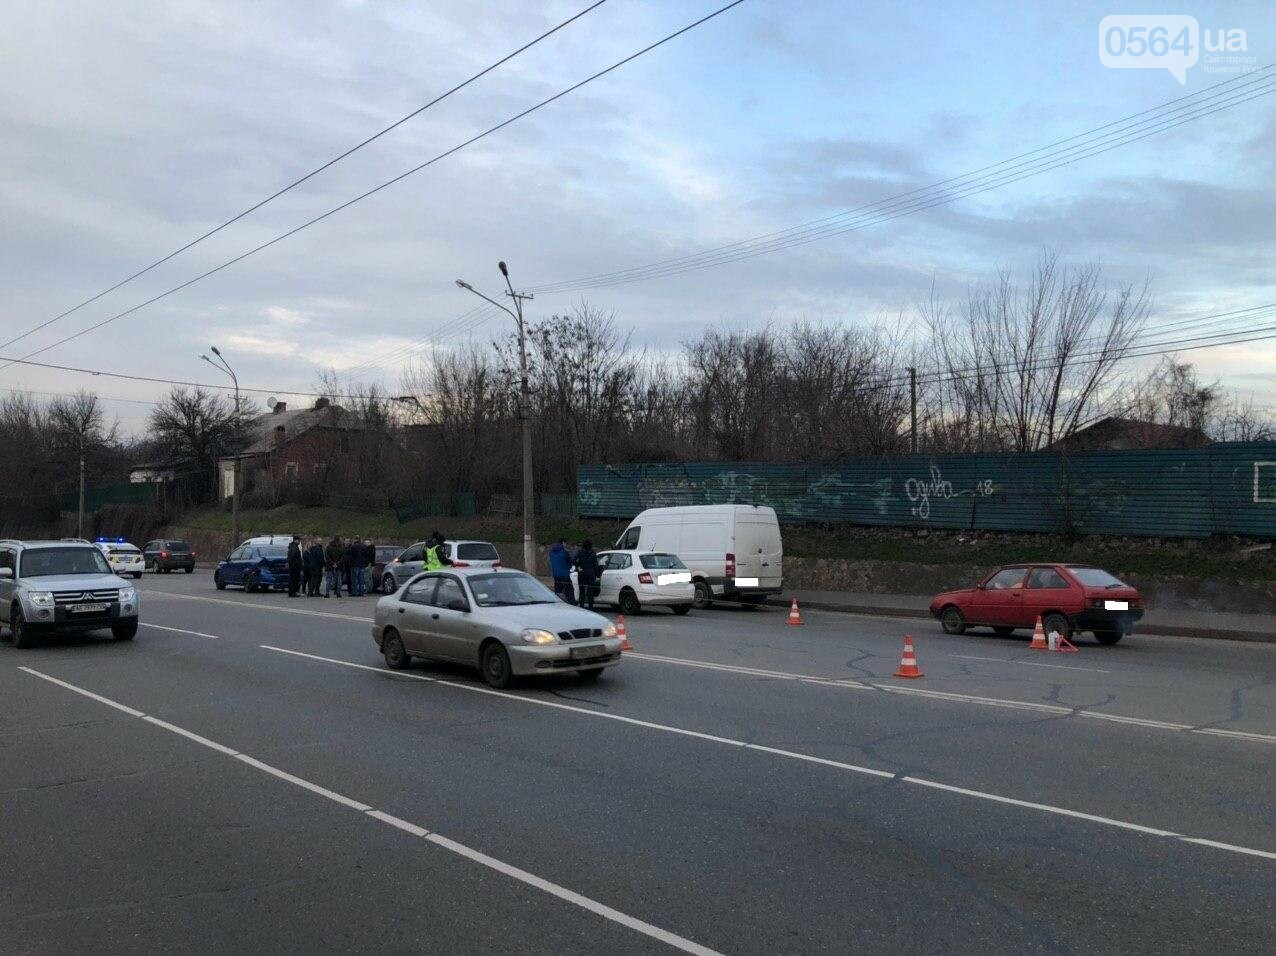 В Кривом Роге столкнулись 4 автомобиля, движение в направлении ул.Волгоградской затруднено, - ФОТО, фото-1